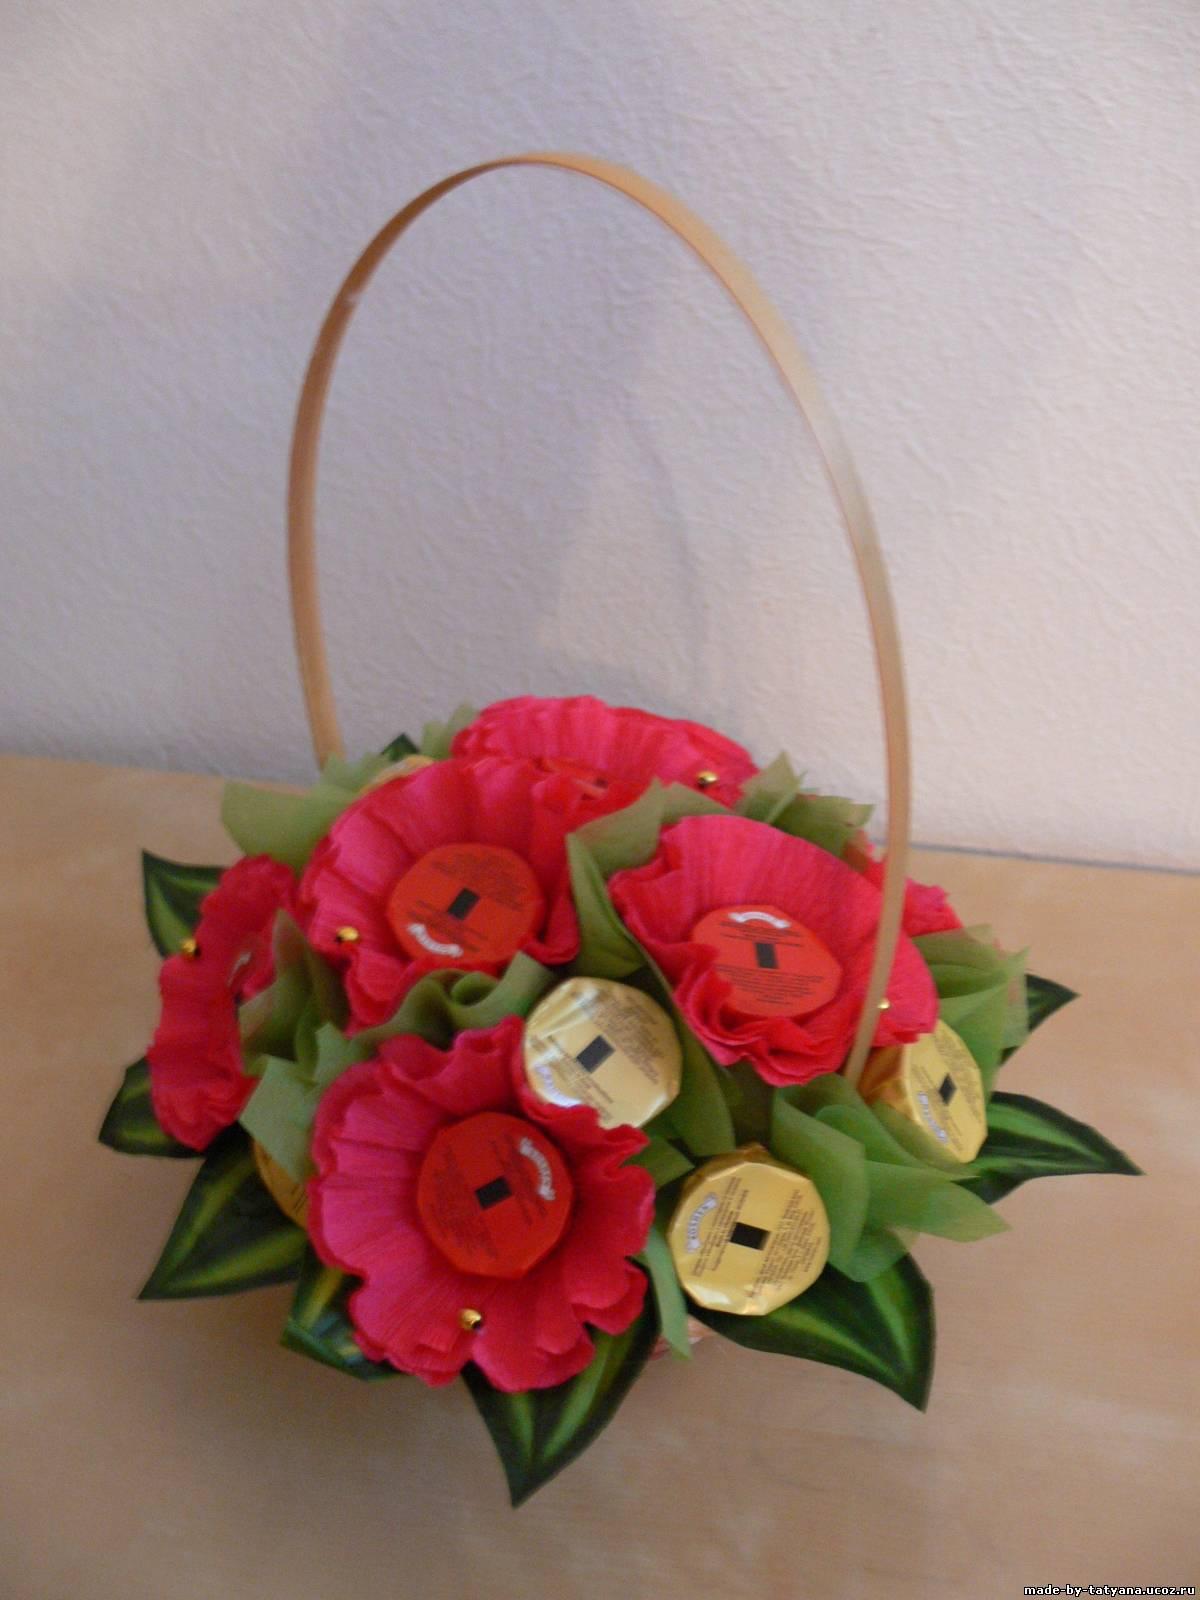 Композиция «Корзина с цветами из конфет» Мастер-класс своими руками